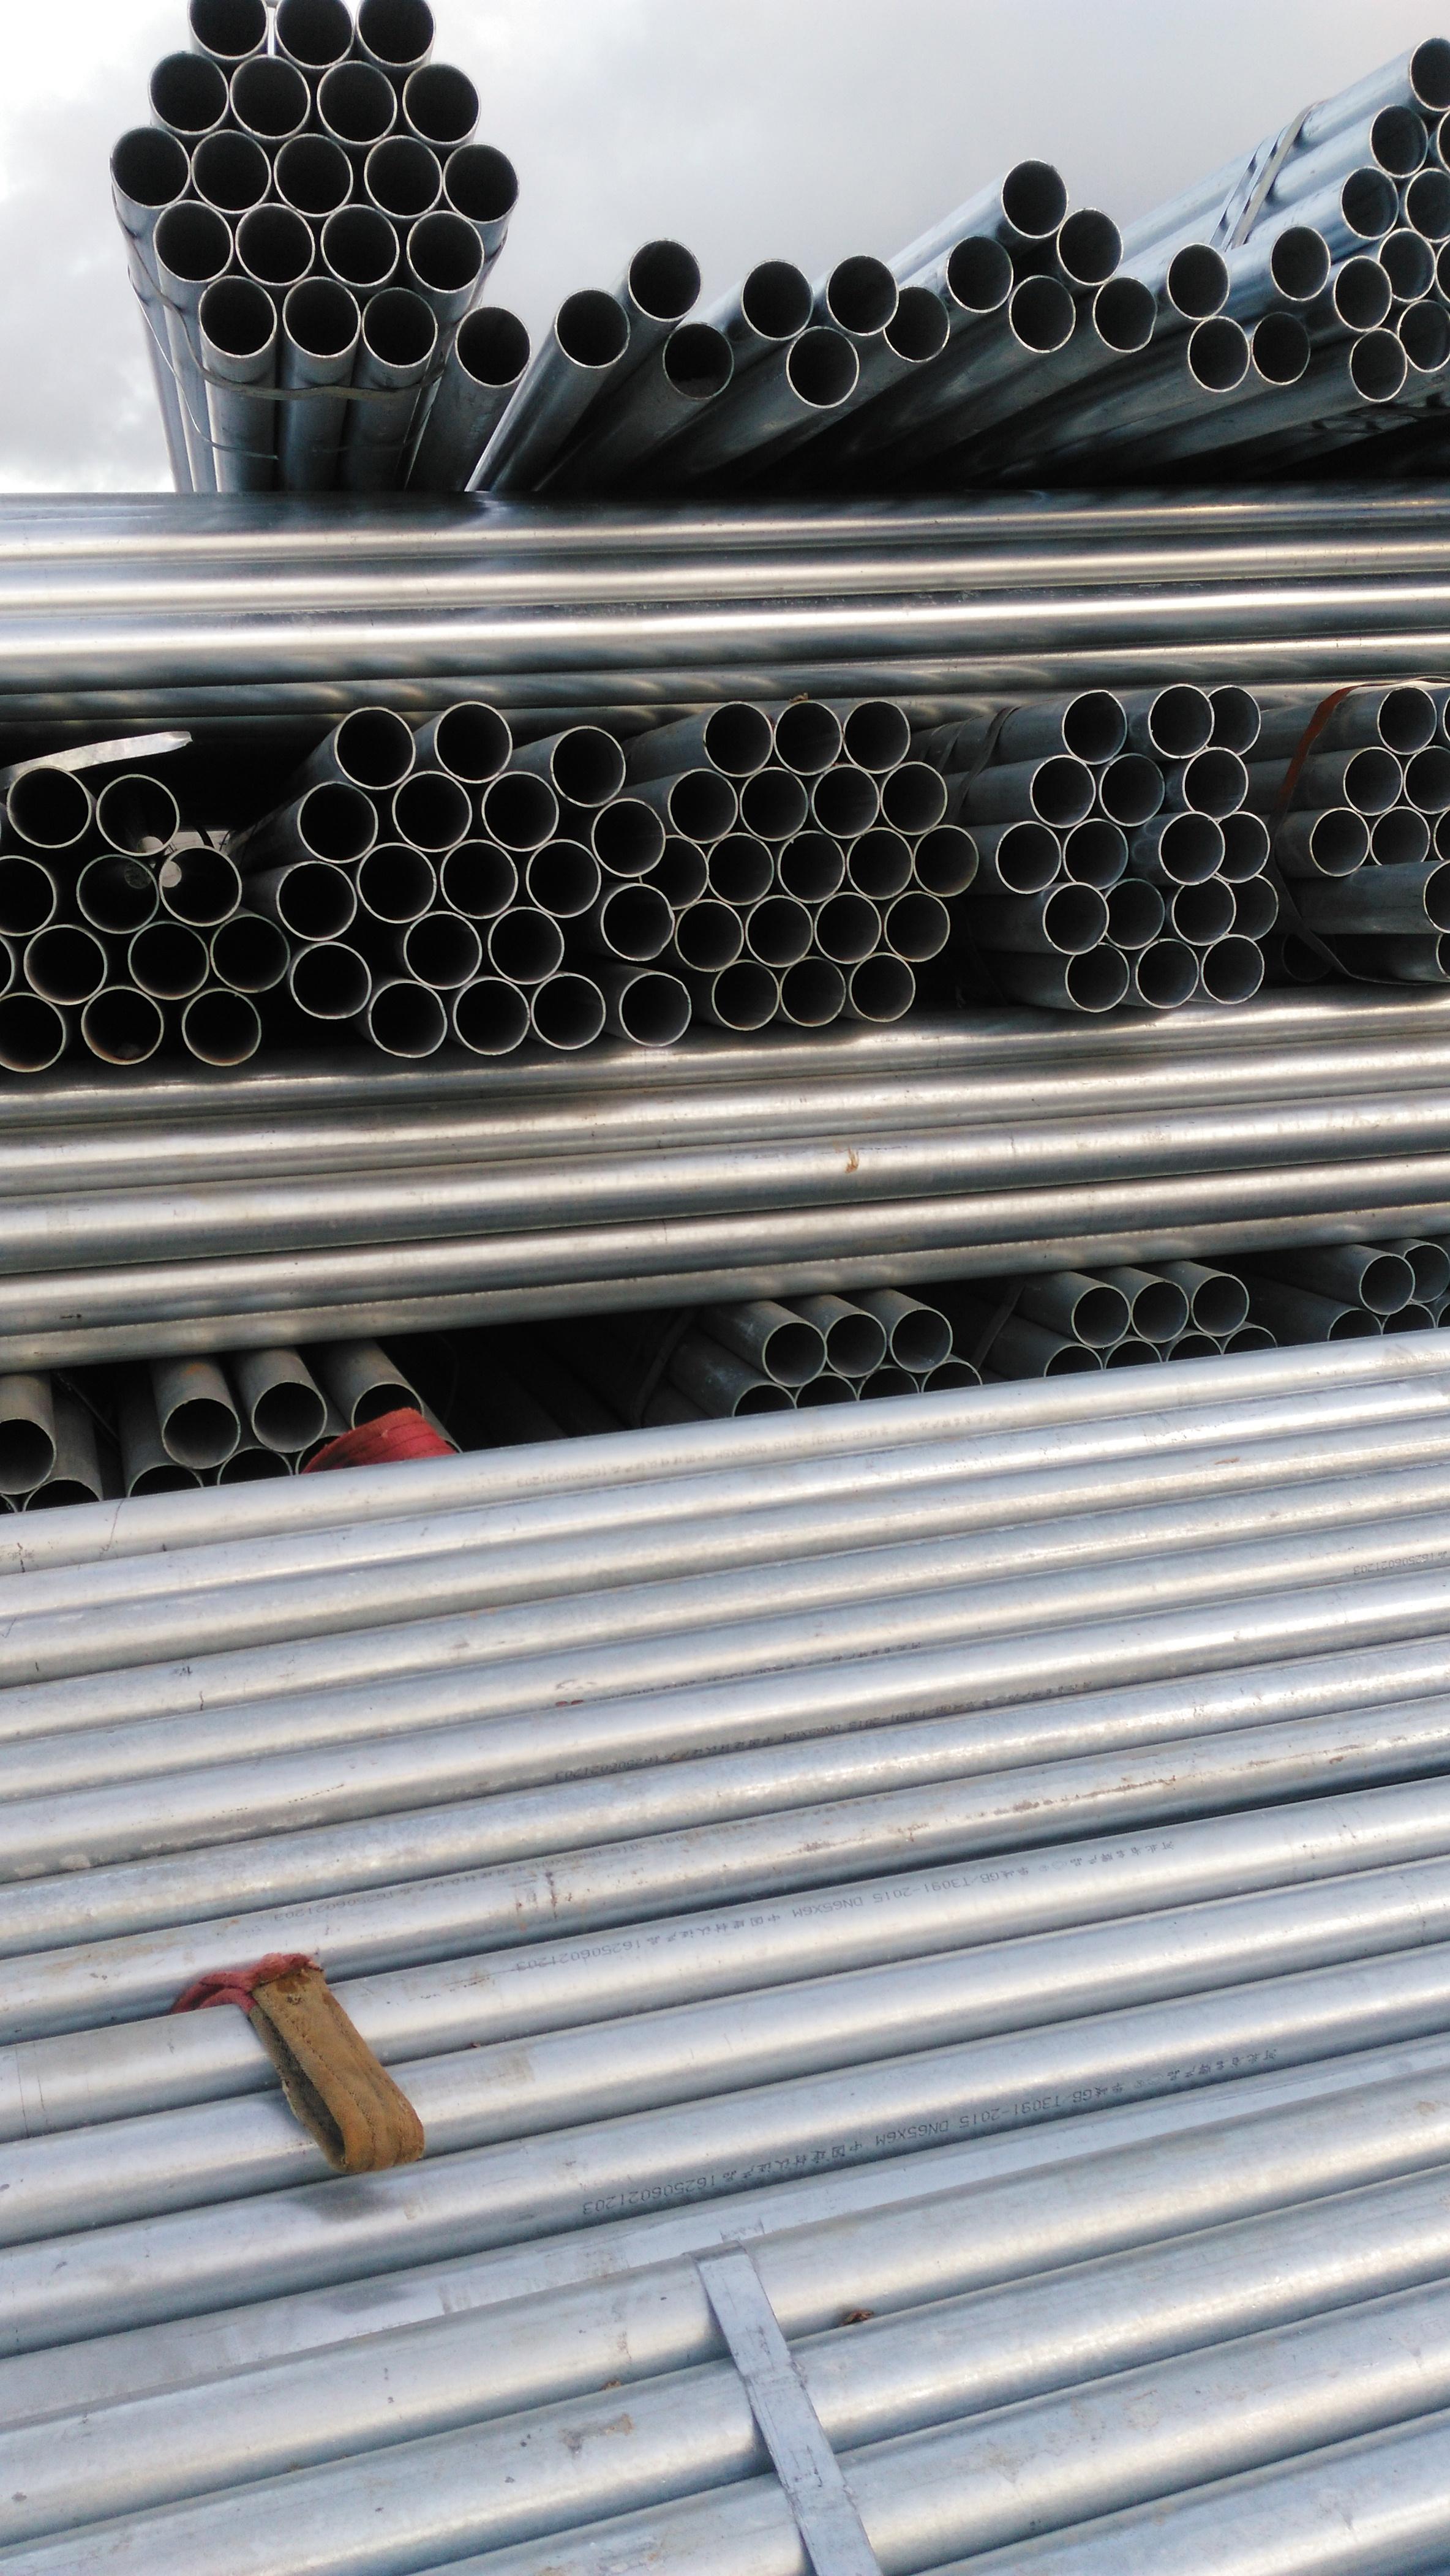 镀锌钢管市场价格海南丰伟实业热镀锌钢管优惠批发